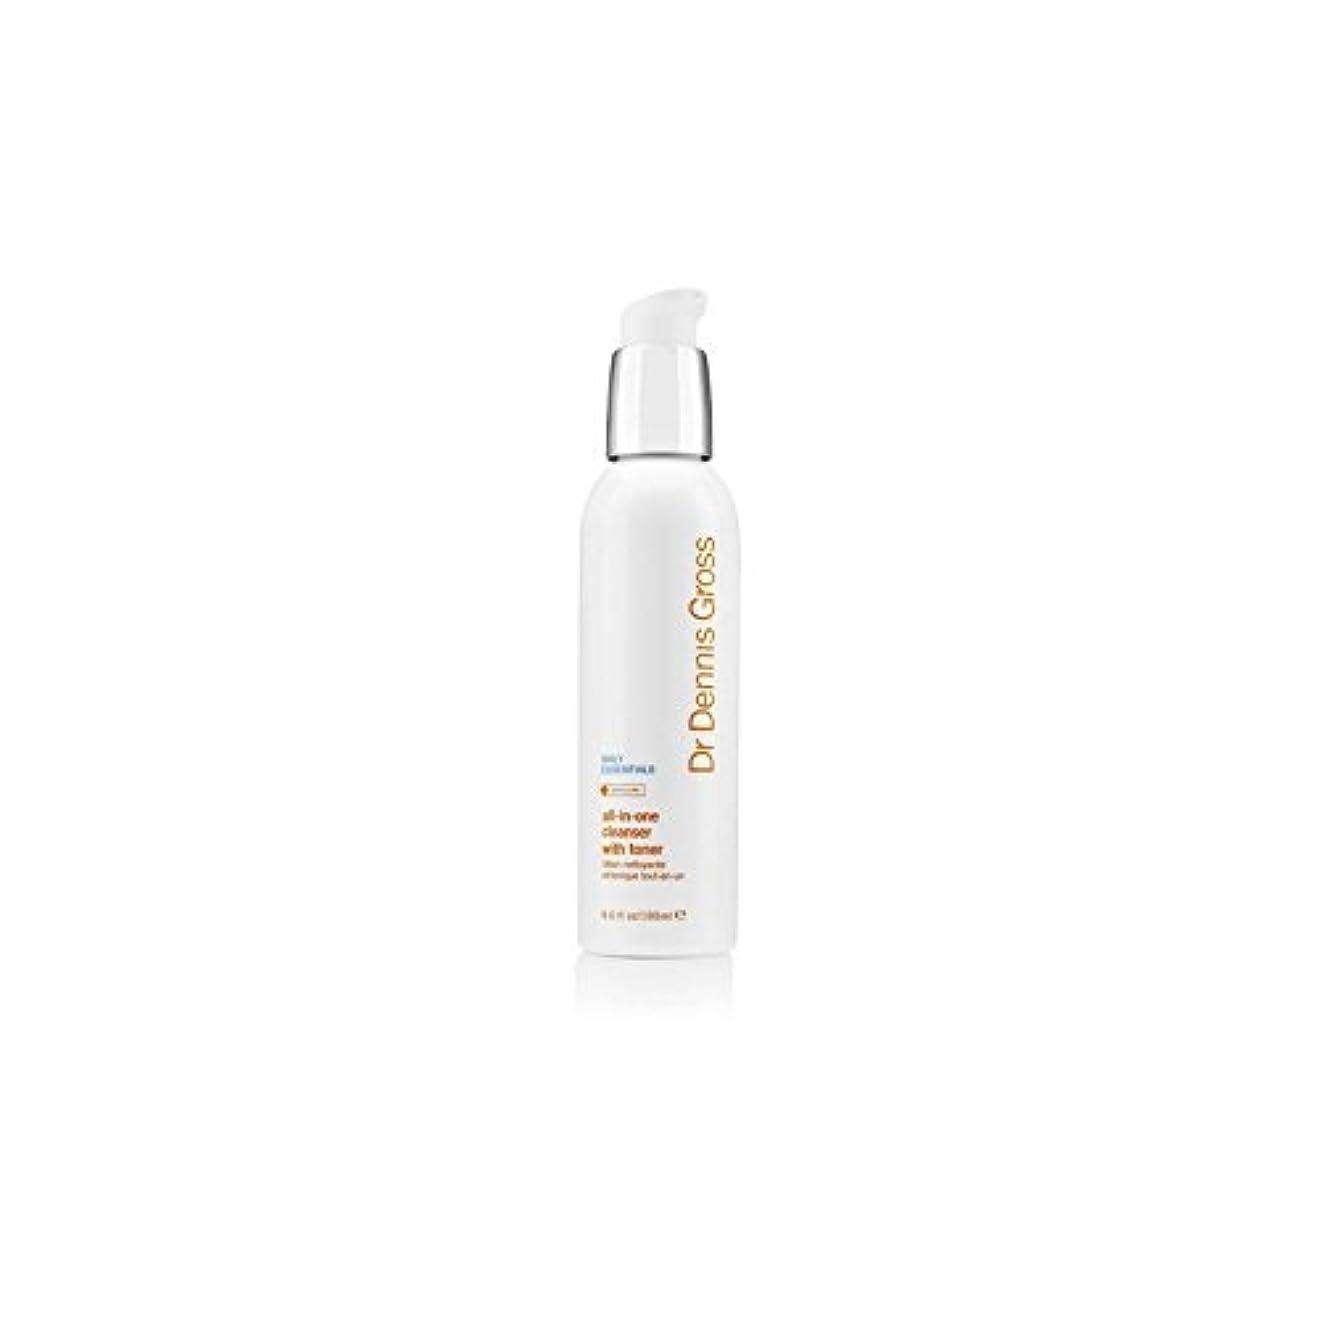 バラ色人口ペグDr Dennis Gross All-In-One Facial Cleanser With Toner (180ml) - デニスグロスオールインワントナー(180ミリリットル)とフェイシャルクレンザー [並行輸入品]